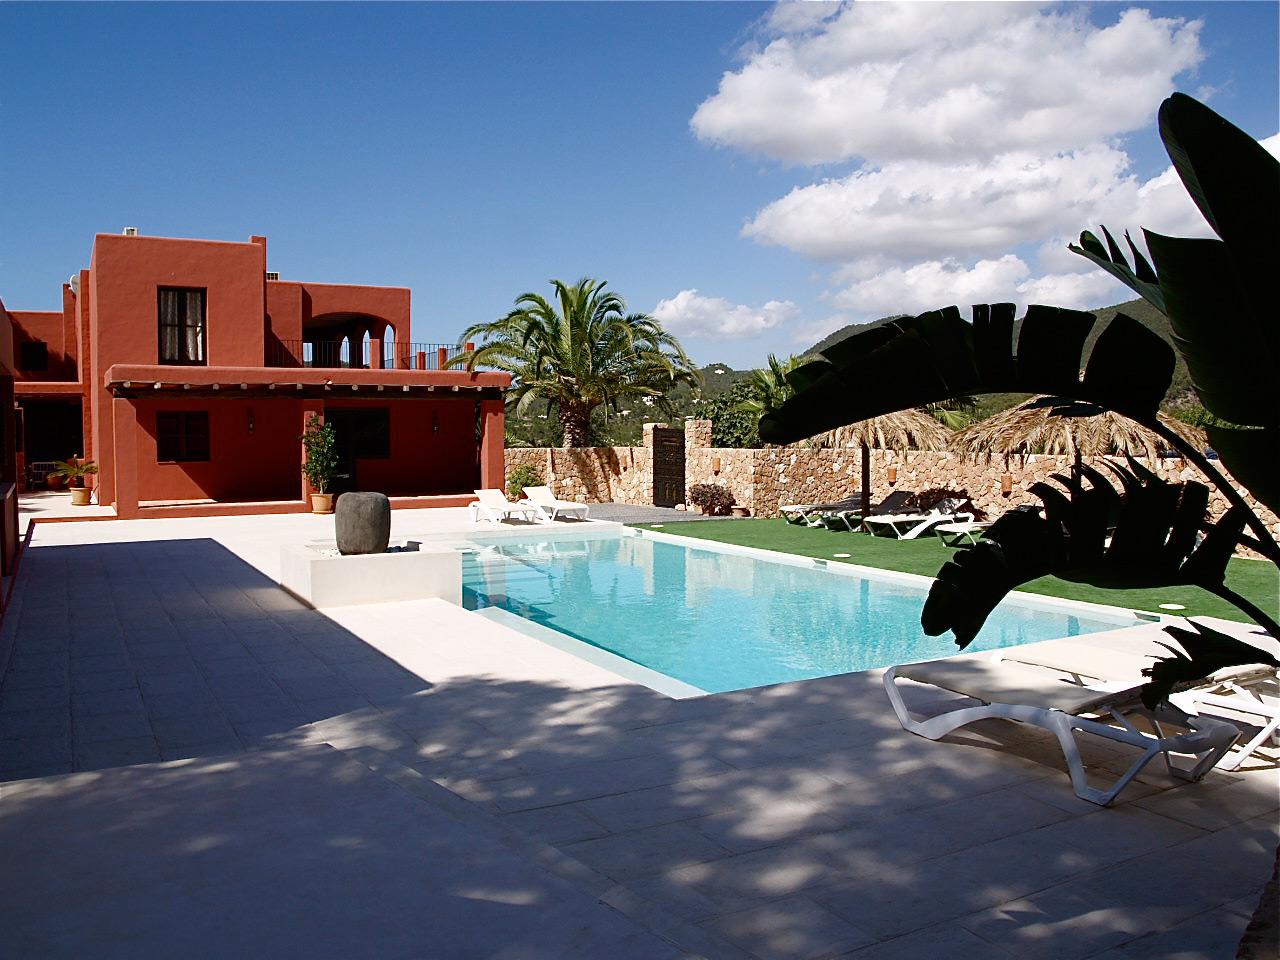 Alquiler de Villa en Cala Vadella - Ibiza (Ref. 738) - 0